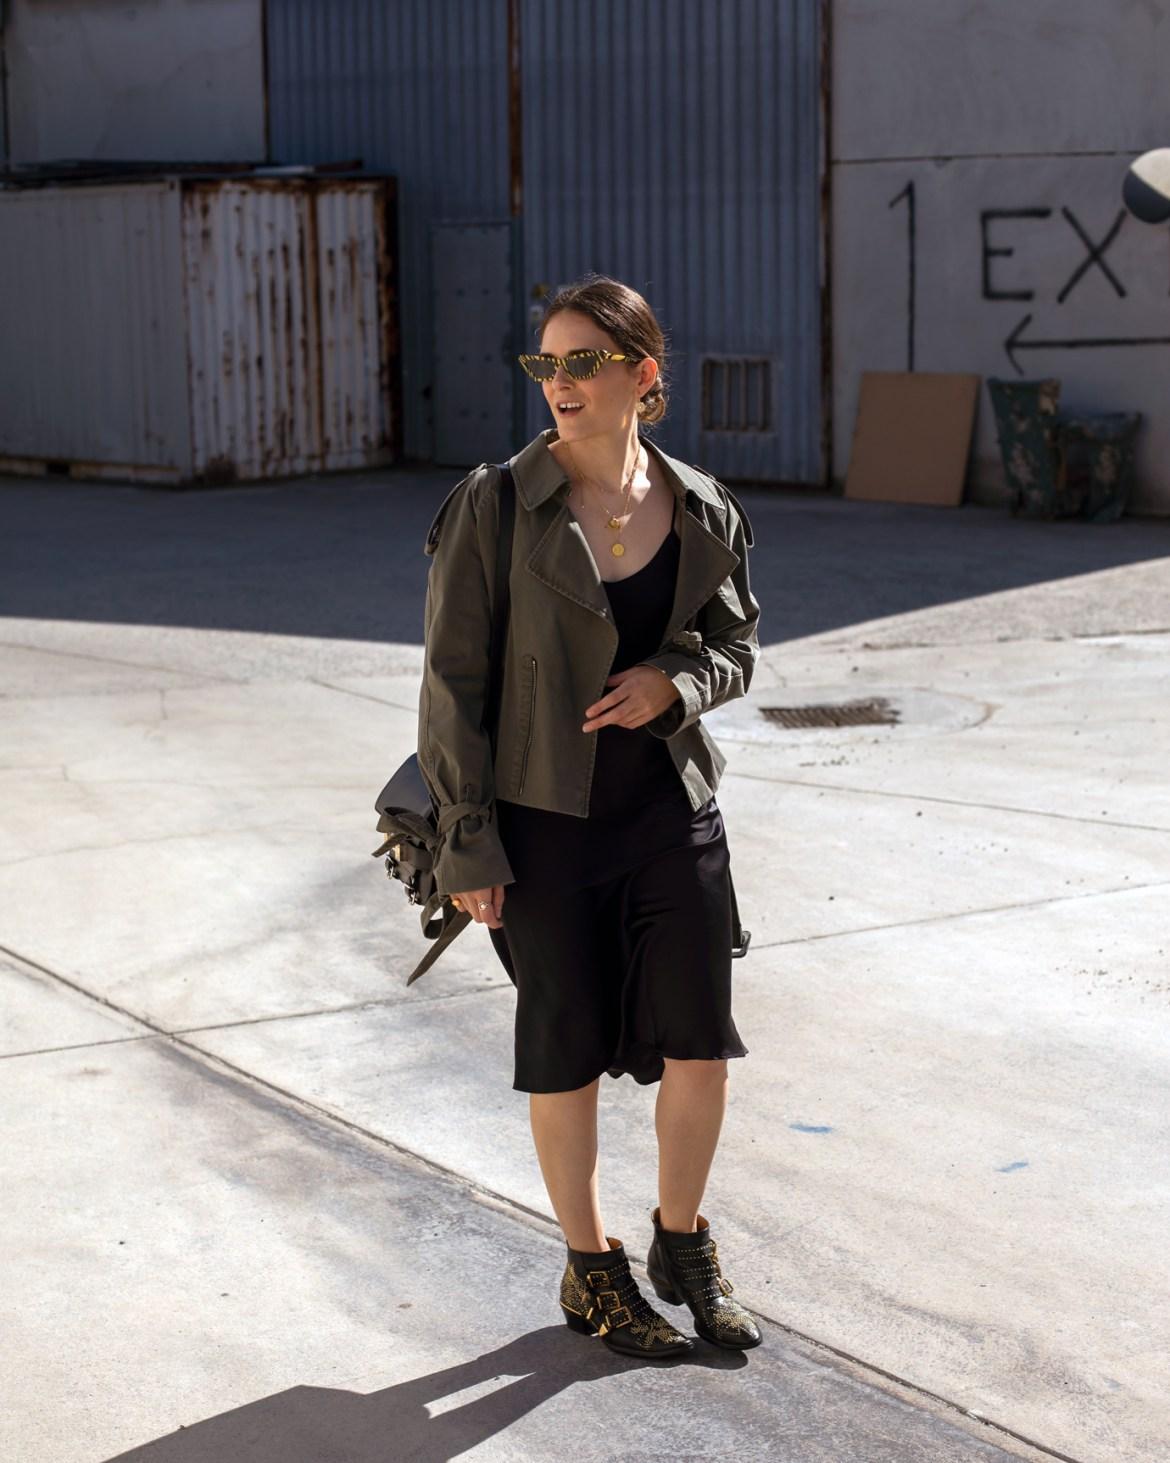 Australian fashion blogger Inspiring Wit wearing Anine Bing jacket